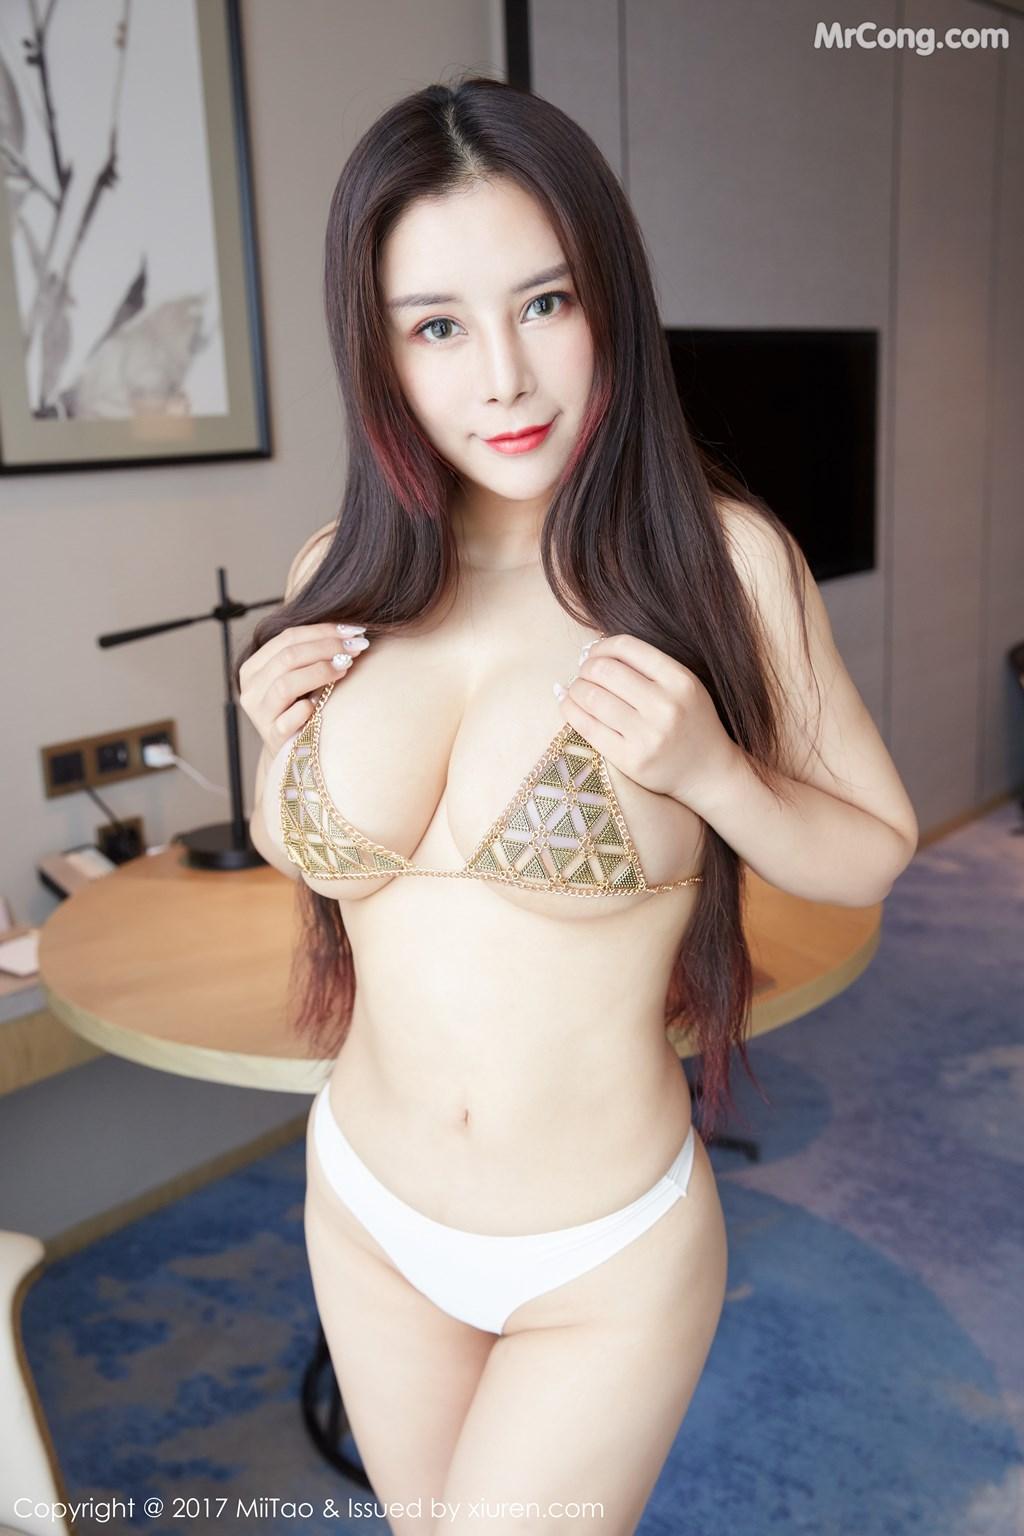 Image MiiTao-Vol.082-Xue-Qian-Xun-MrCong.com-021 in post MiiTao Vol.082: Người mẫu Xue Qian Xun (雪千寻) (51 ảnh)